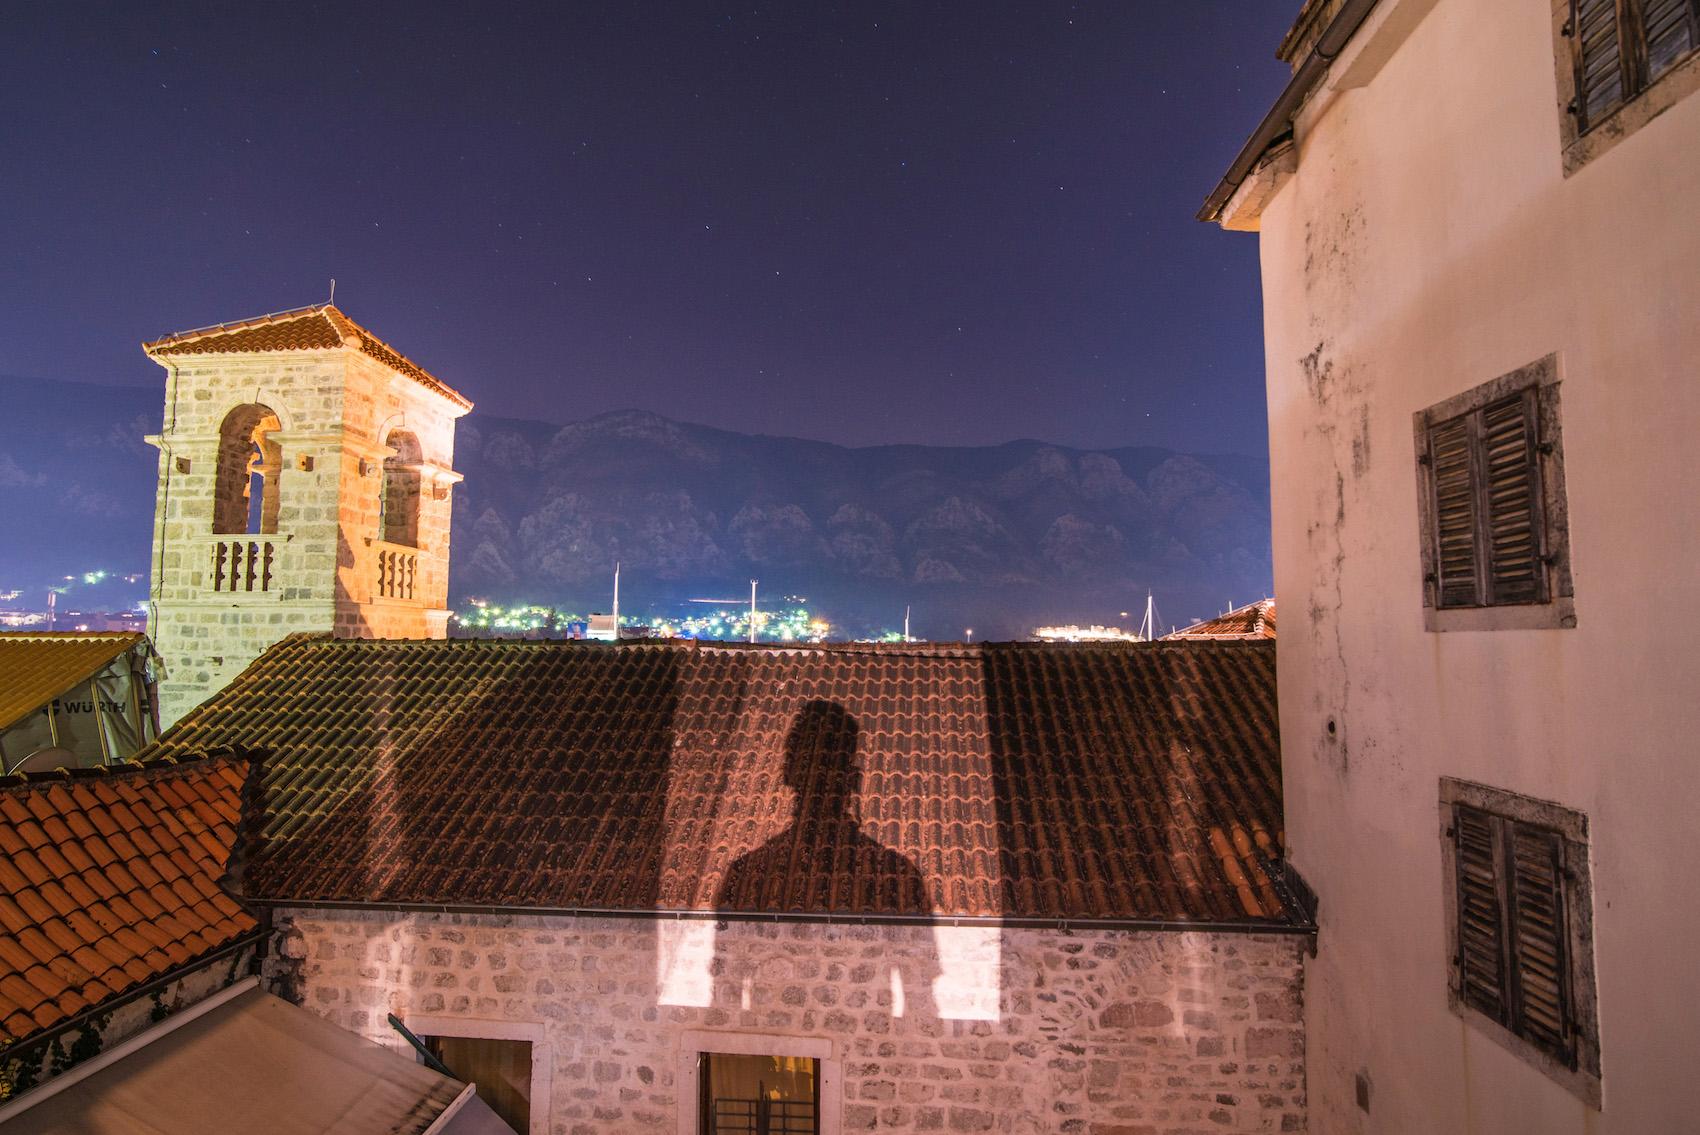 Robert Schrader in Kotor, Montenegro